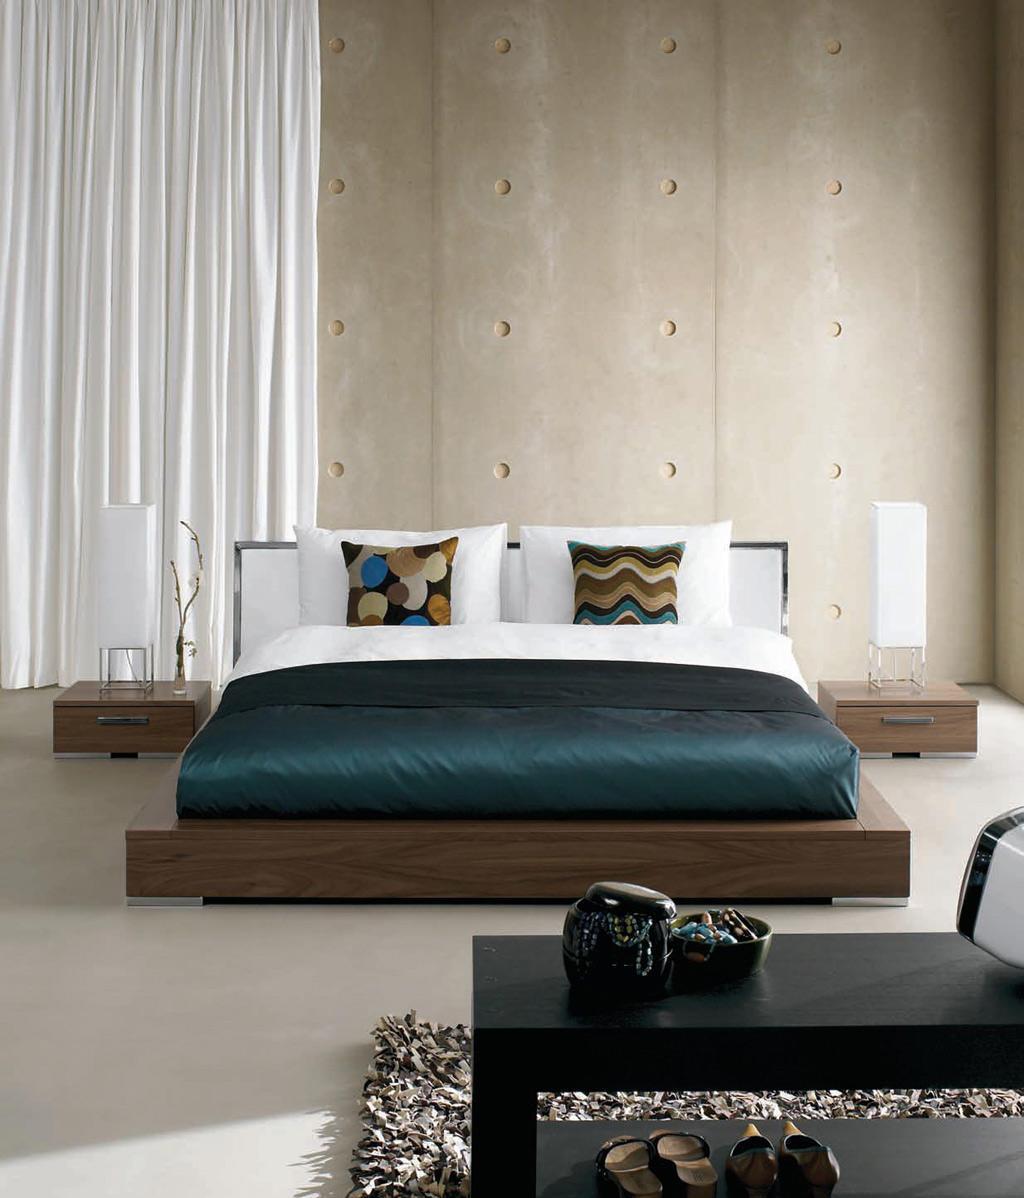 北欧风情Beds - AA00床Beds - AA00